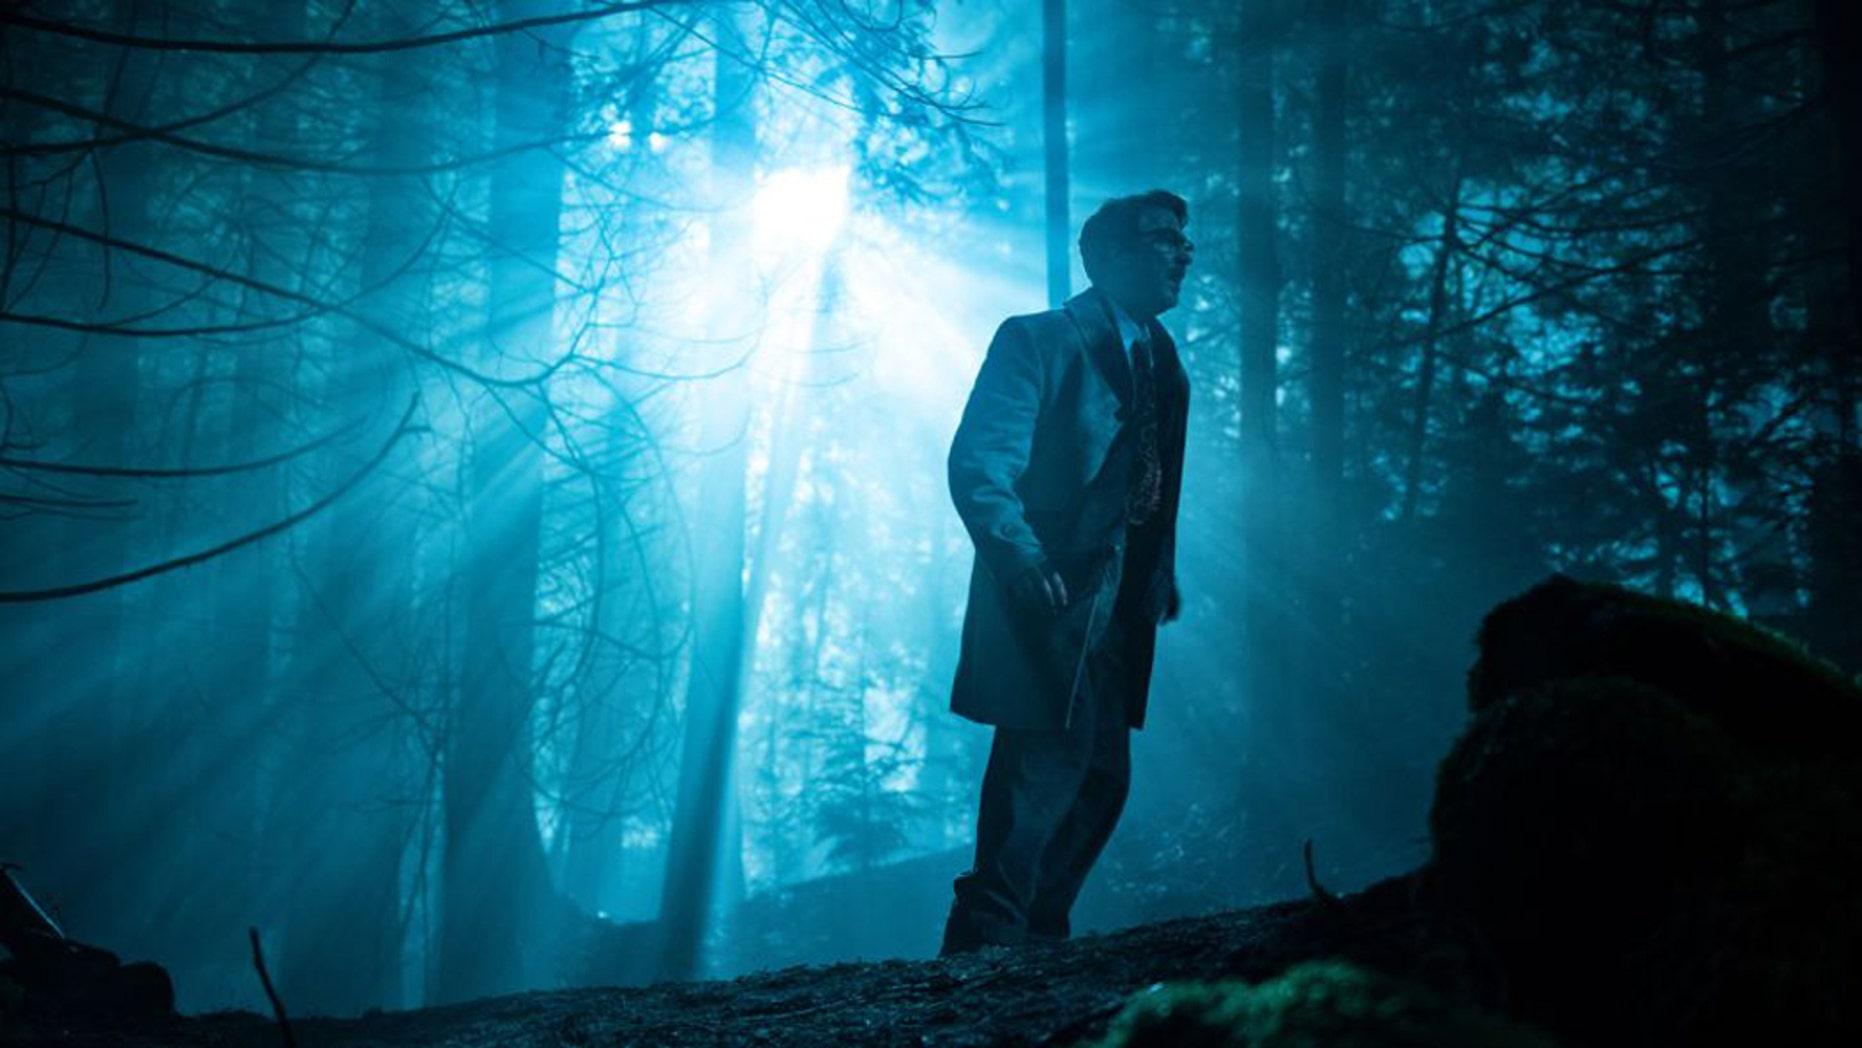 Aidan Gillen returns in the second season of